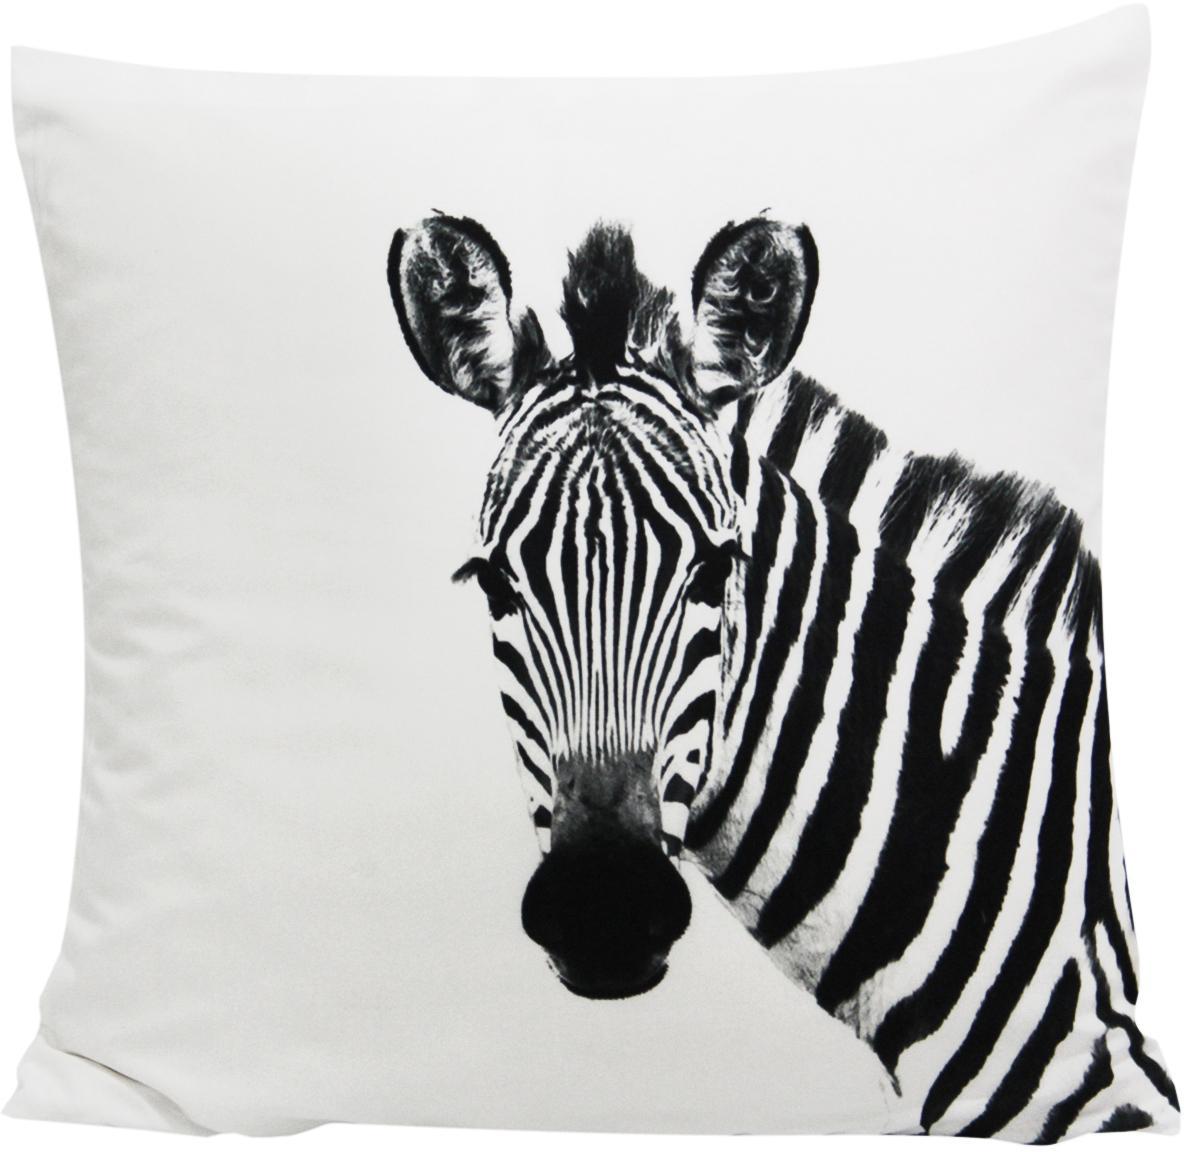 Kussenhoes Kelsey met zebra motief in zwart/wit, 100% polyester, Wit, zwart, 45 x 45 cm